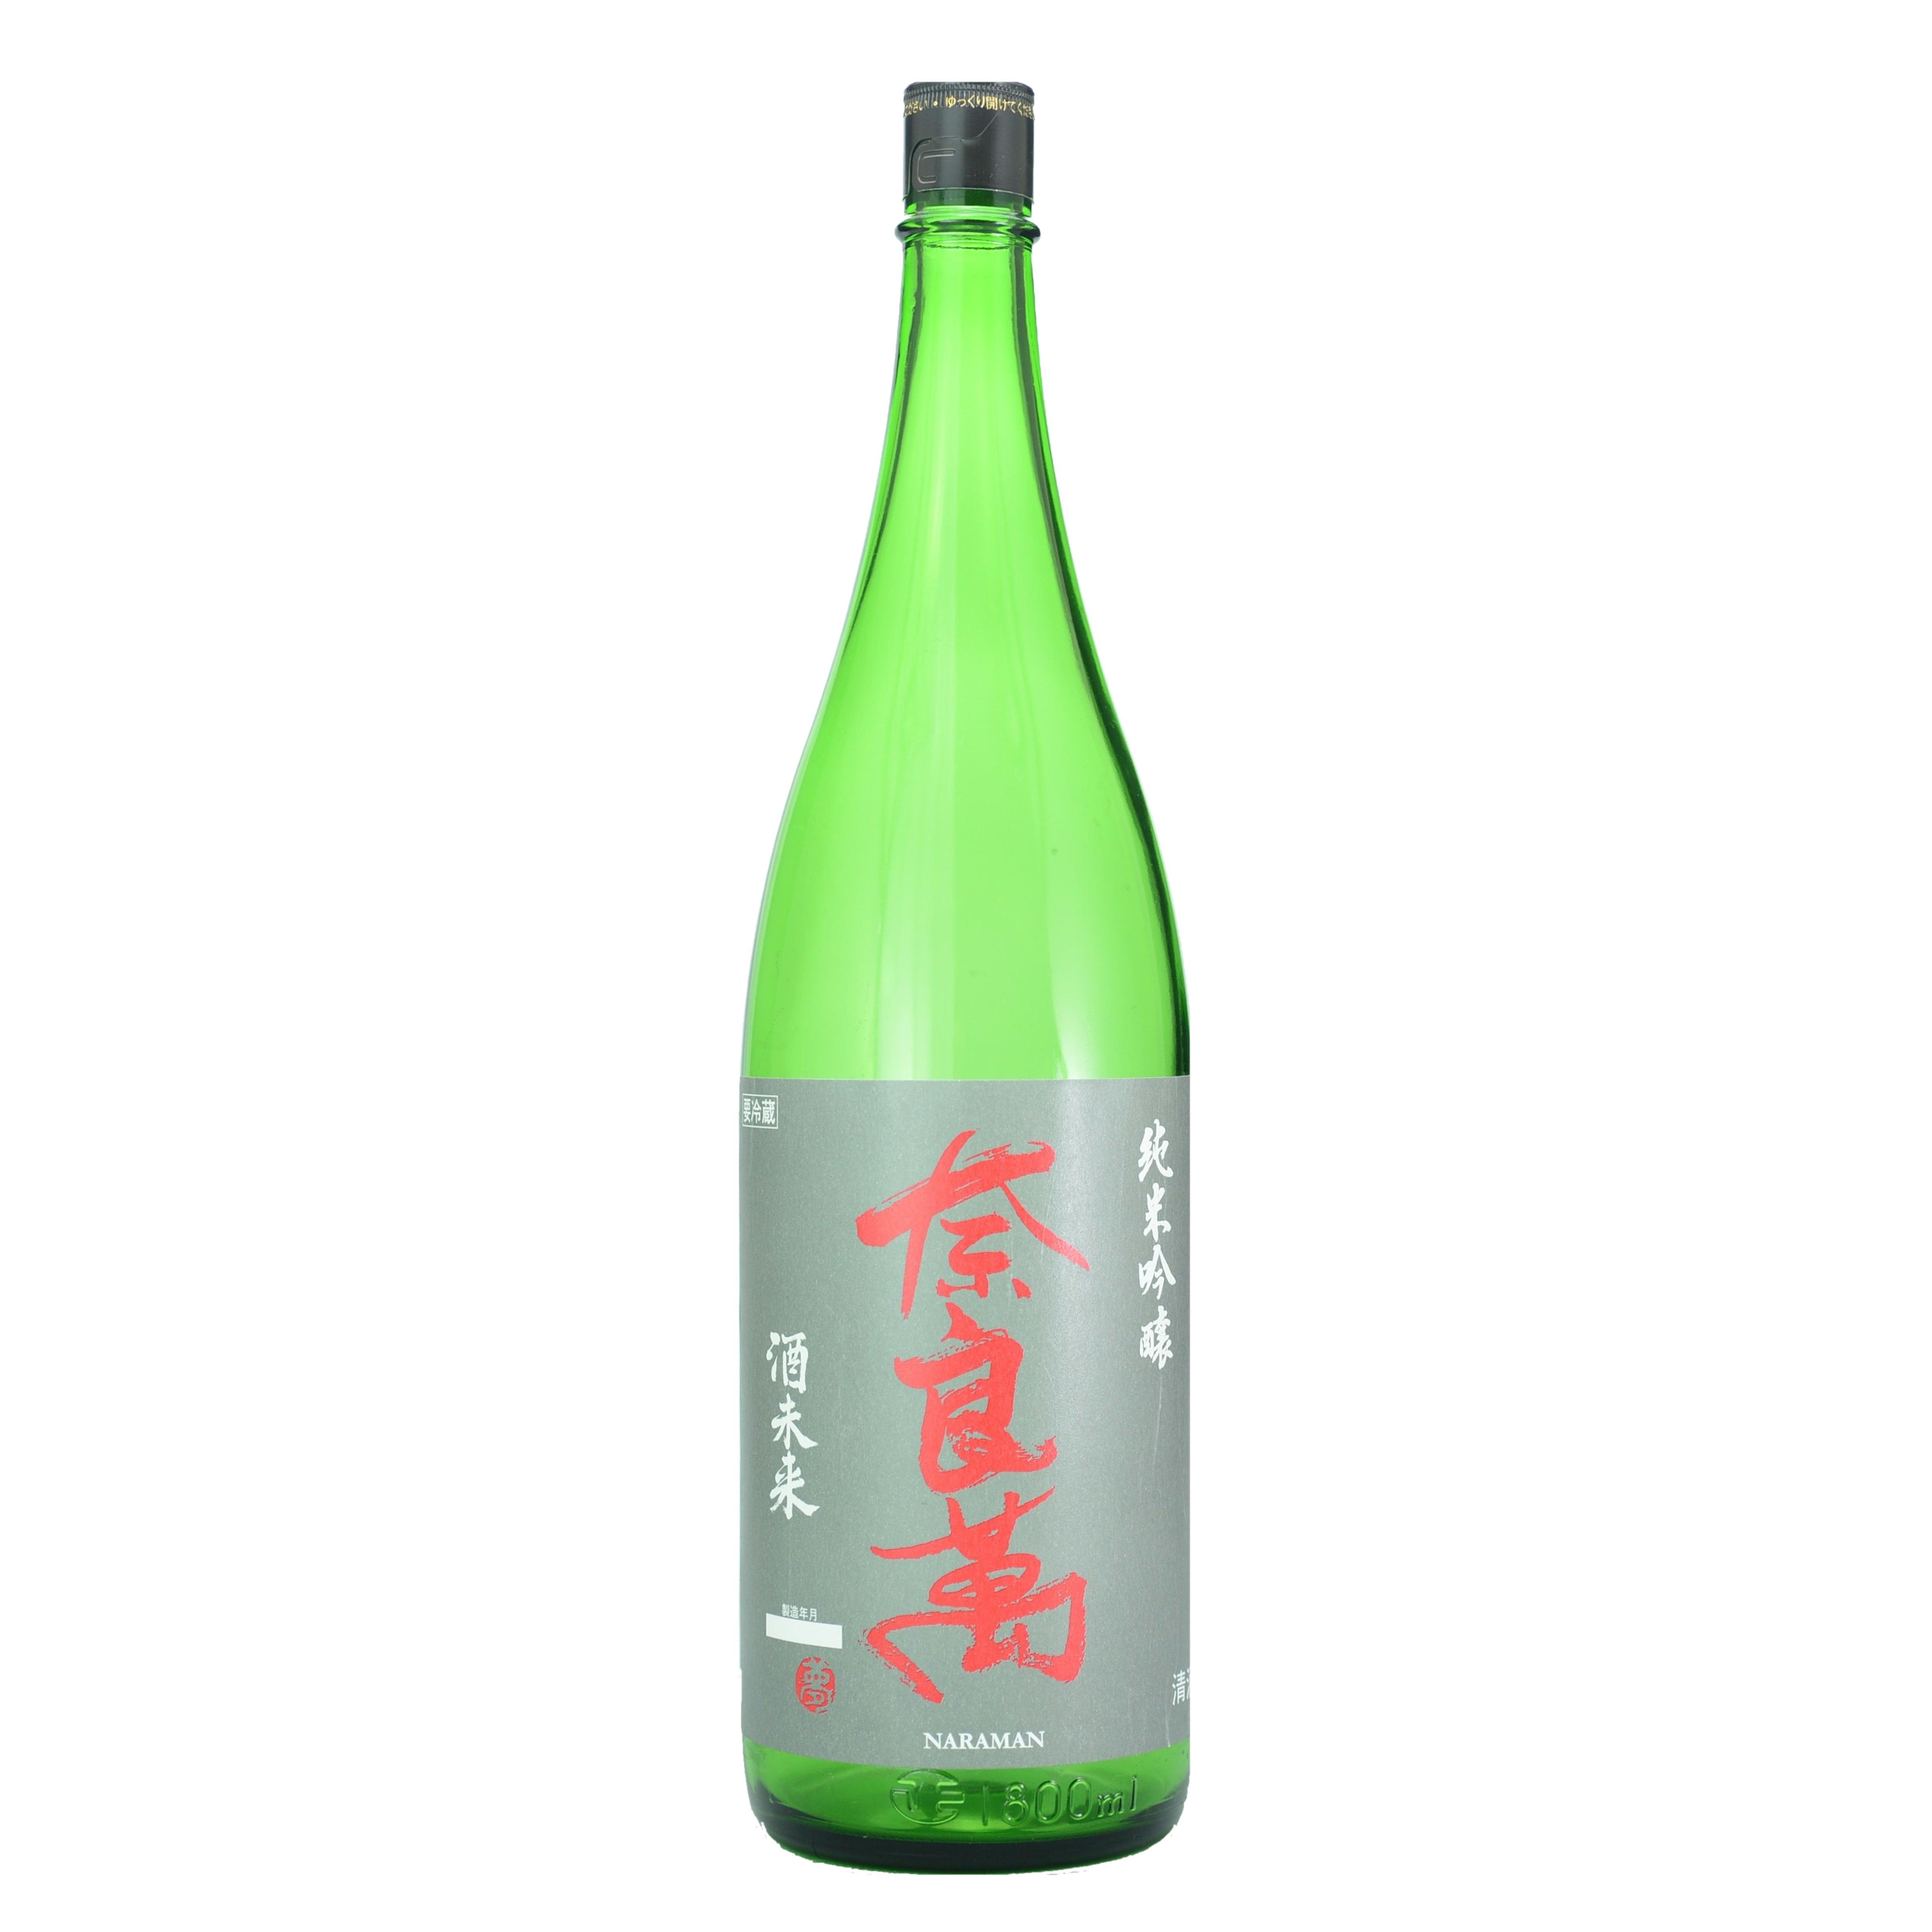 奈良萬 酒未来 純米吟醸 生酒